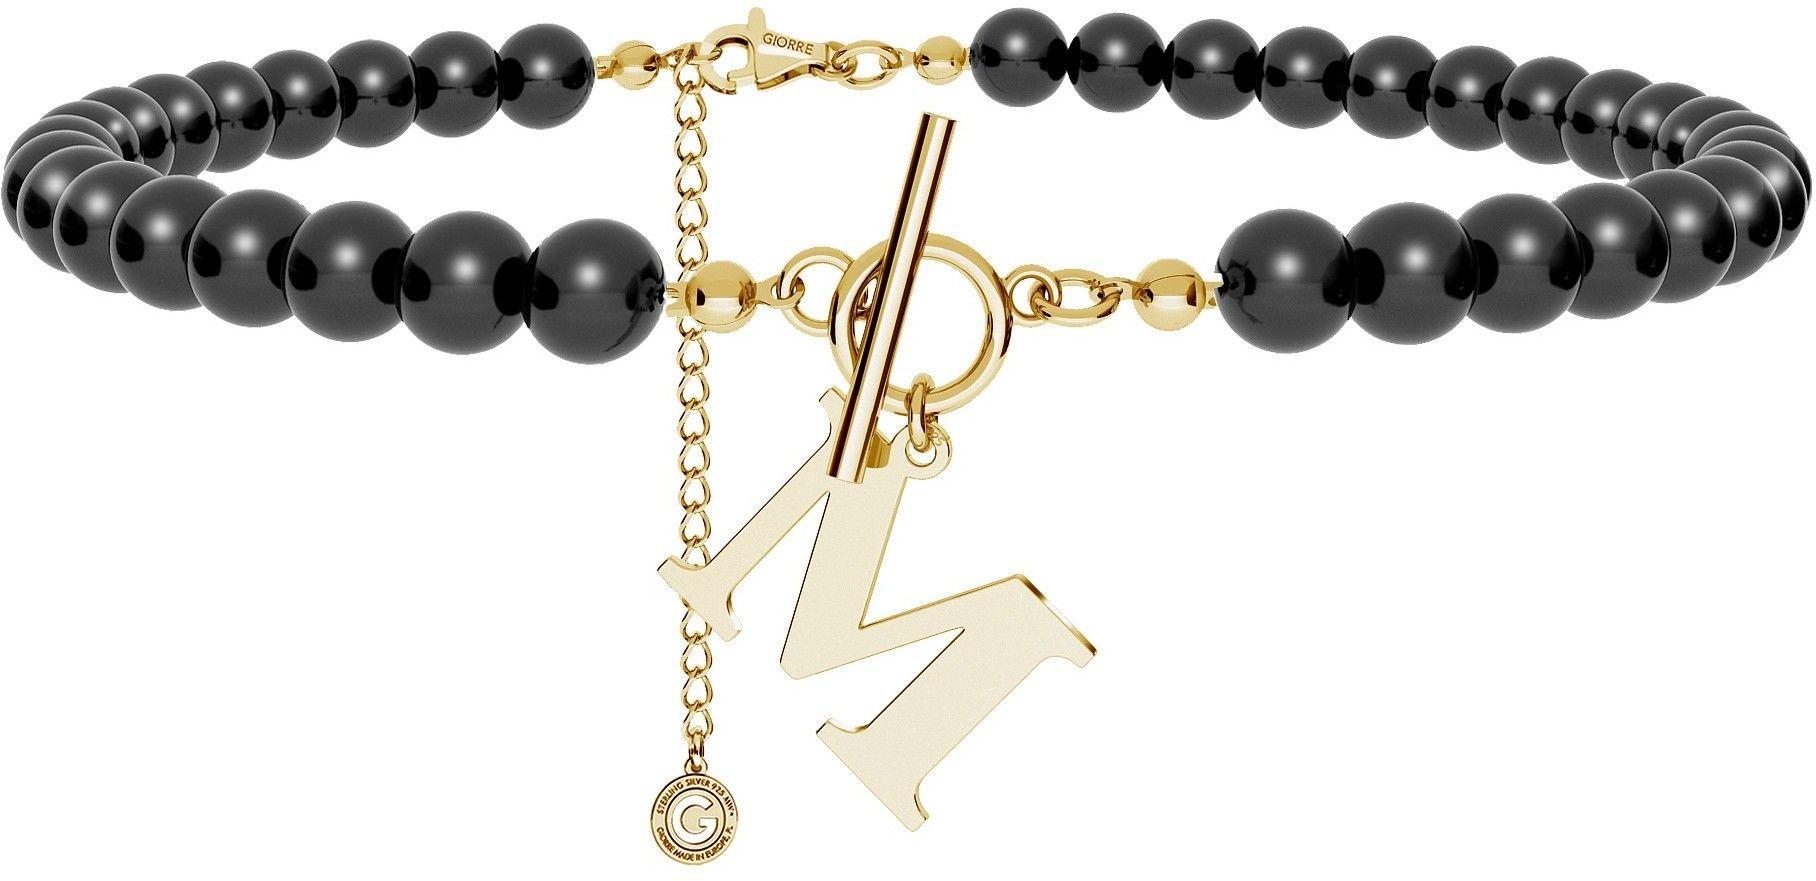 Czarny perłowy choker z dowolną literą, Swarovski, srebro 925 : Litera - B, Srebro - kolor pokrycia - Pokrycie żółtym 18K złotem